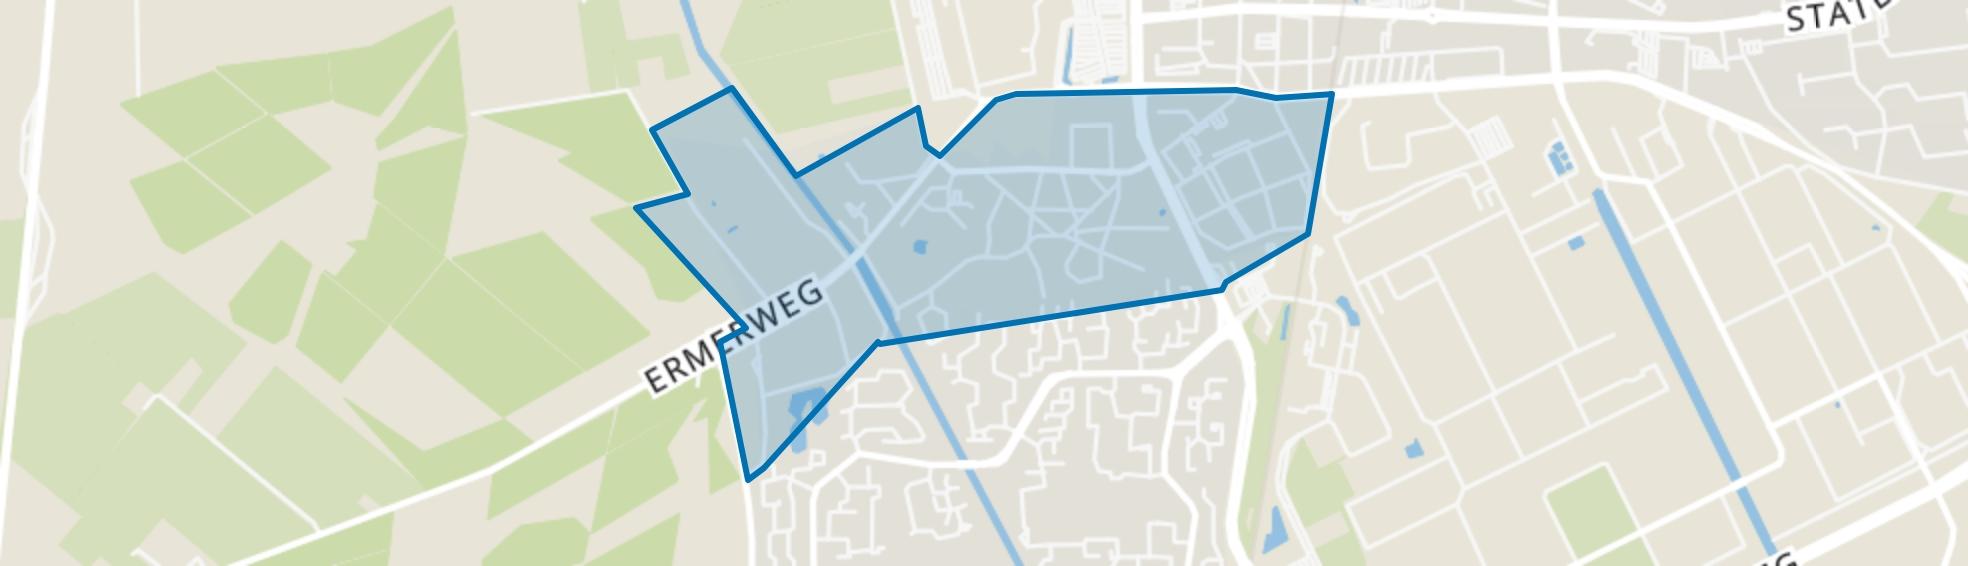 Noordbarge, Emmen map